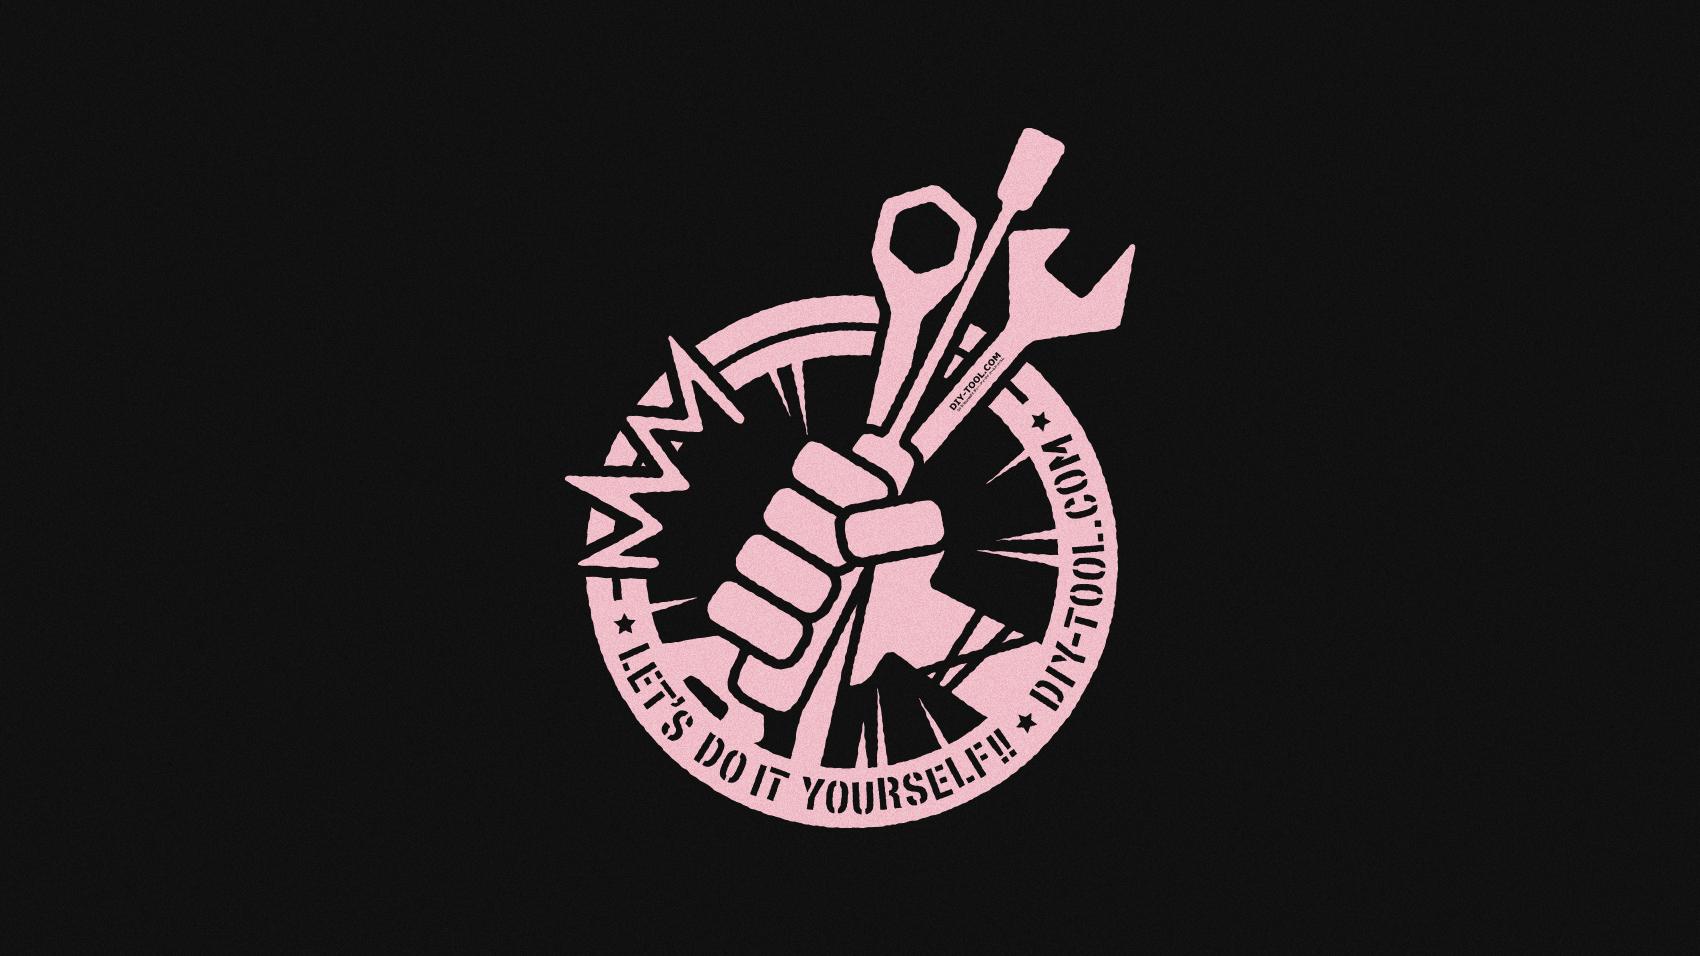 DIYをはじめる人に向けて。DO IT YOURSELF!!のロゴマークデザイン